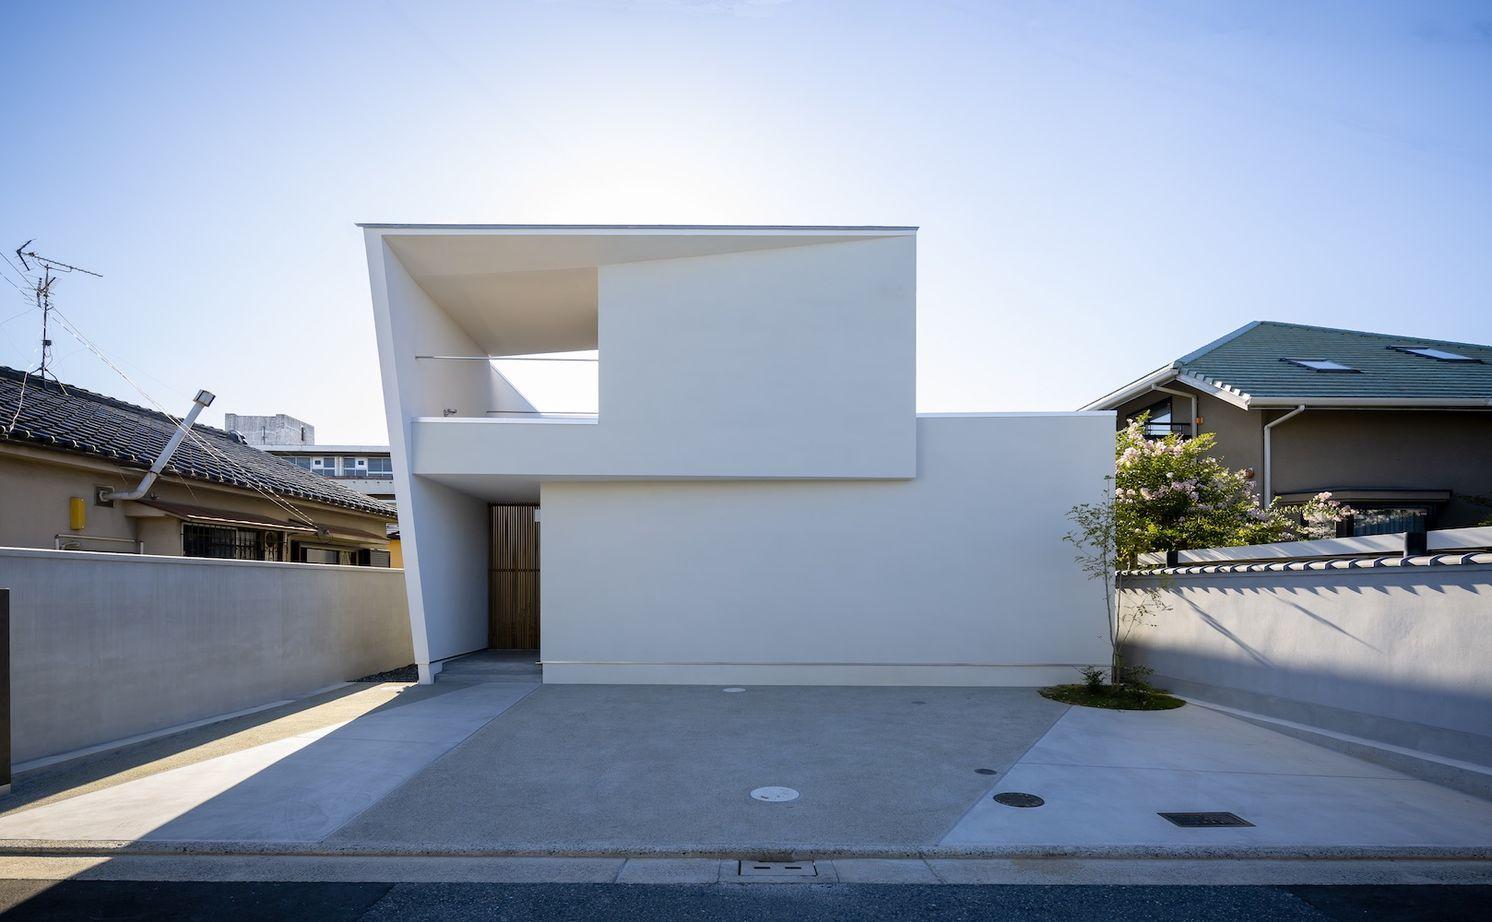 「矩形の家」 広く開放的なエントランスと大きな壁面収納 自然のやわらかい光と風を取り込む中庭のある家画像1